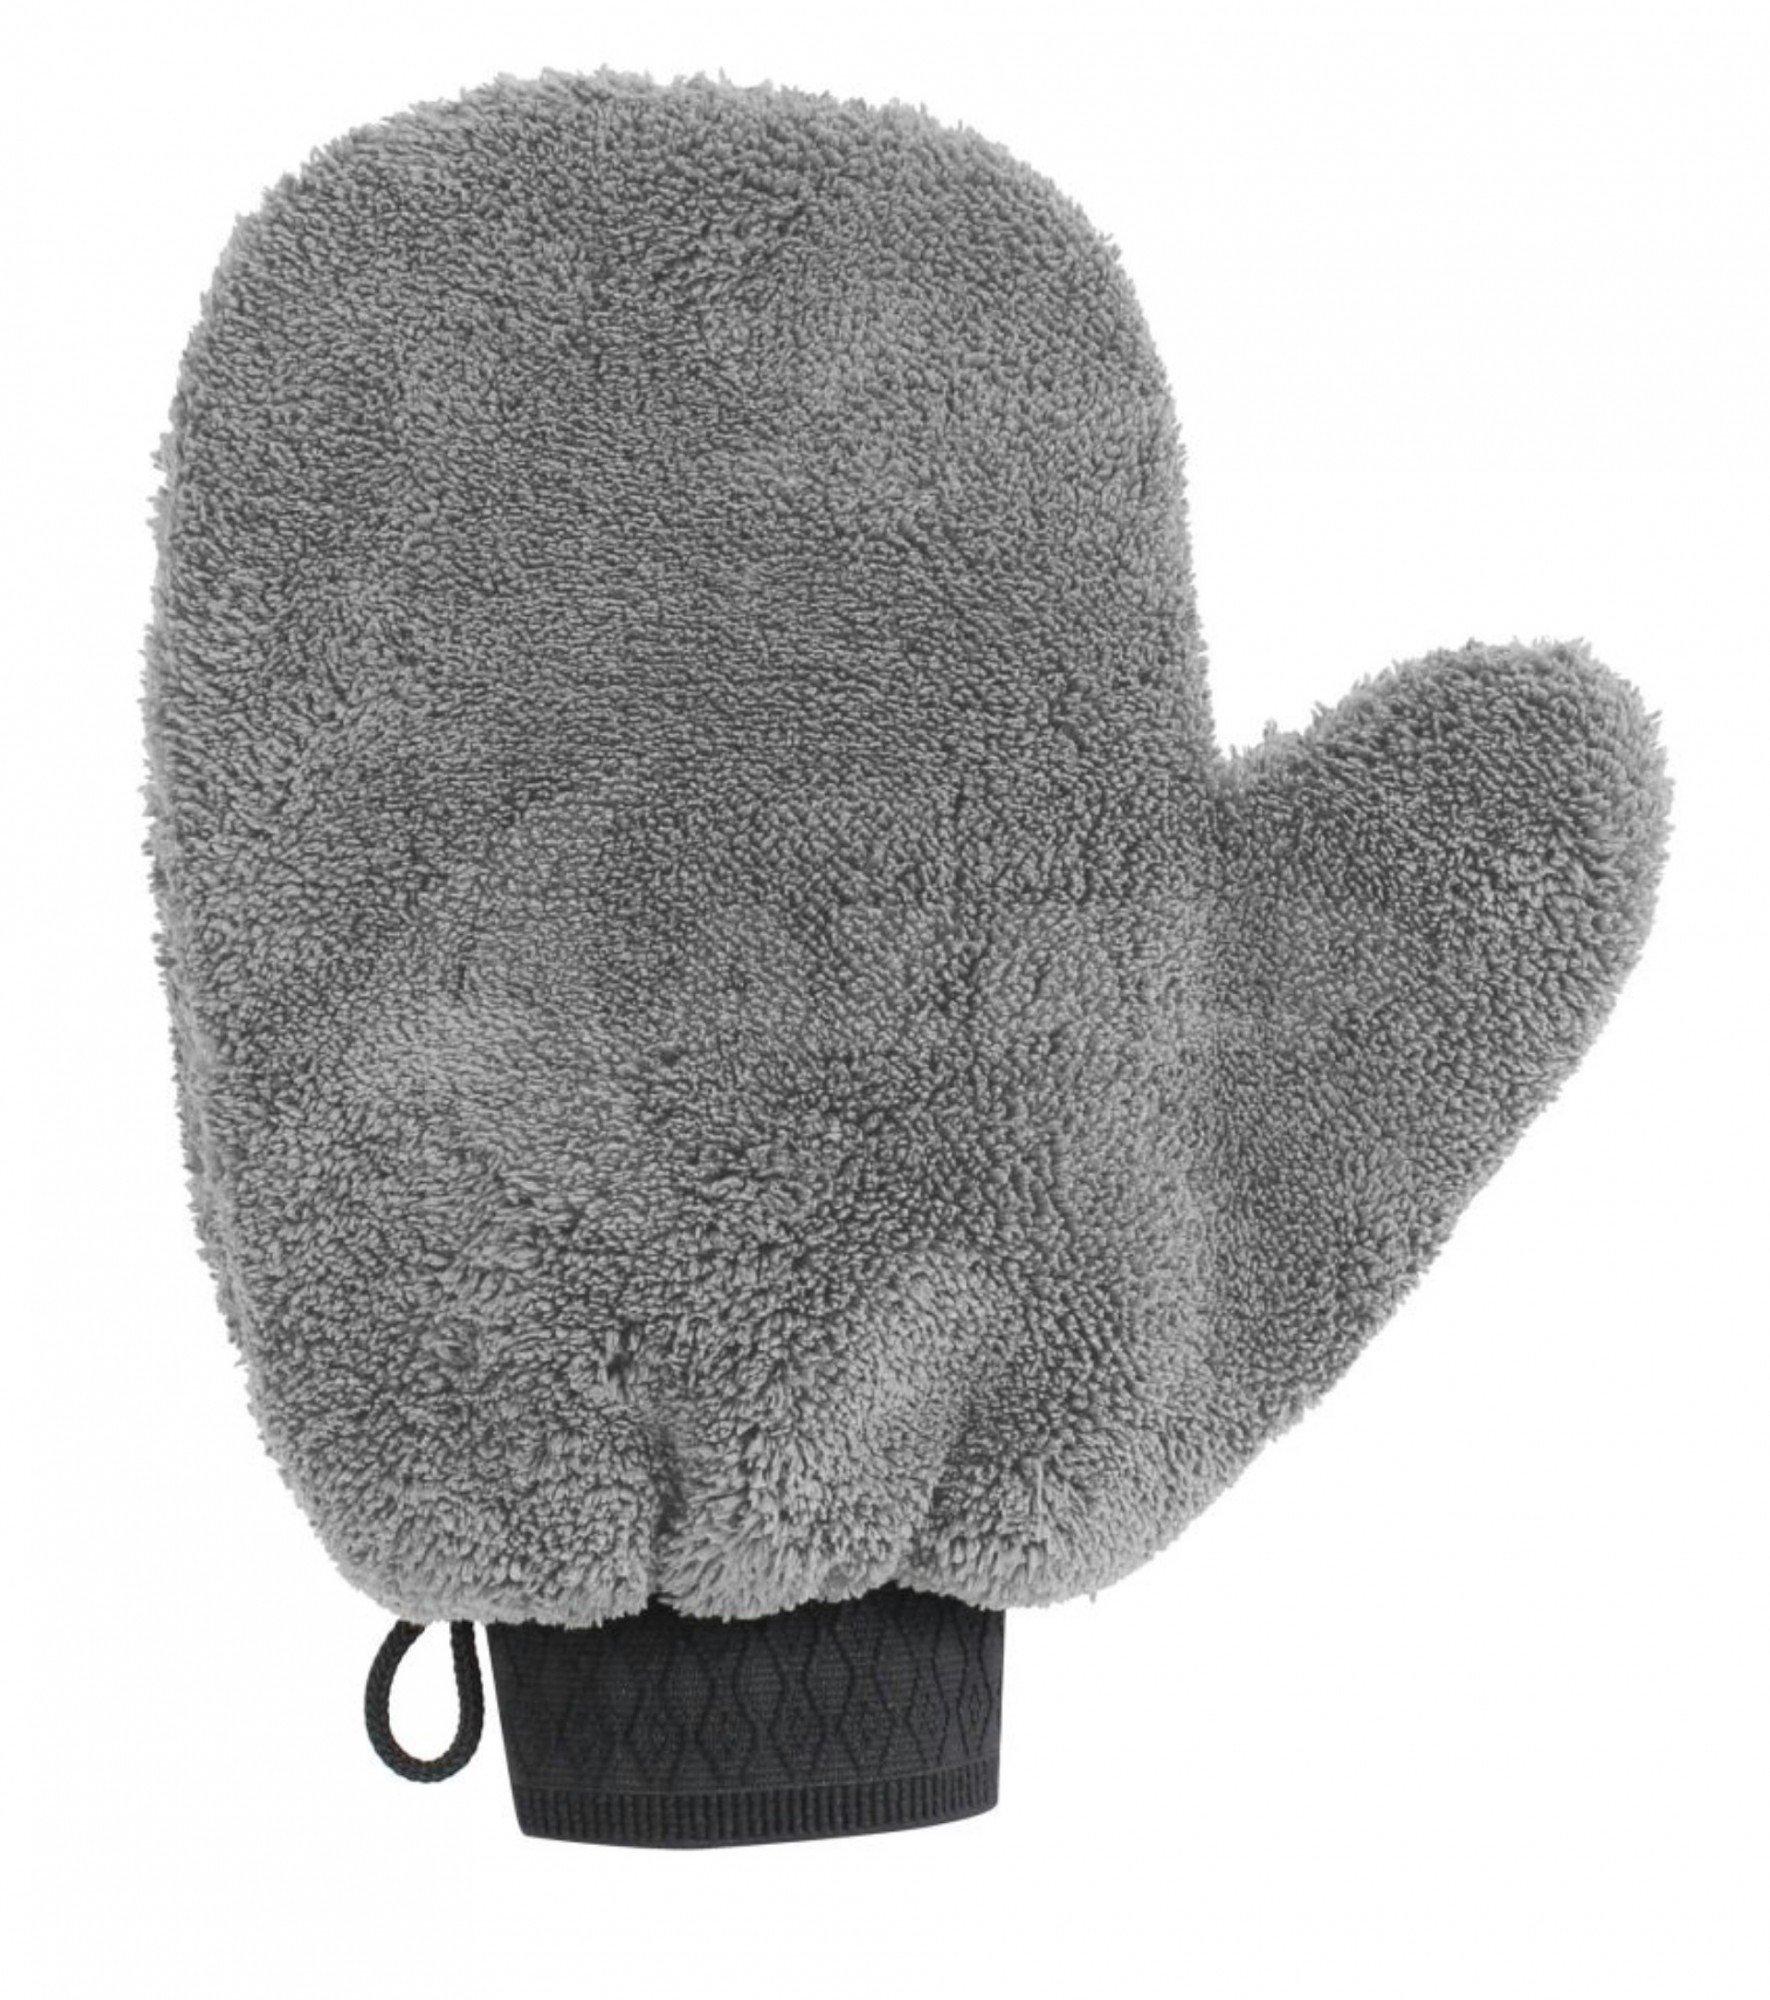 Afbeelding van Schoonmaak handschoen Spa Life